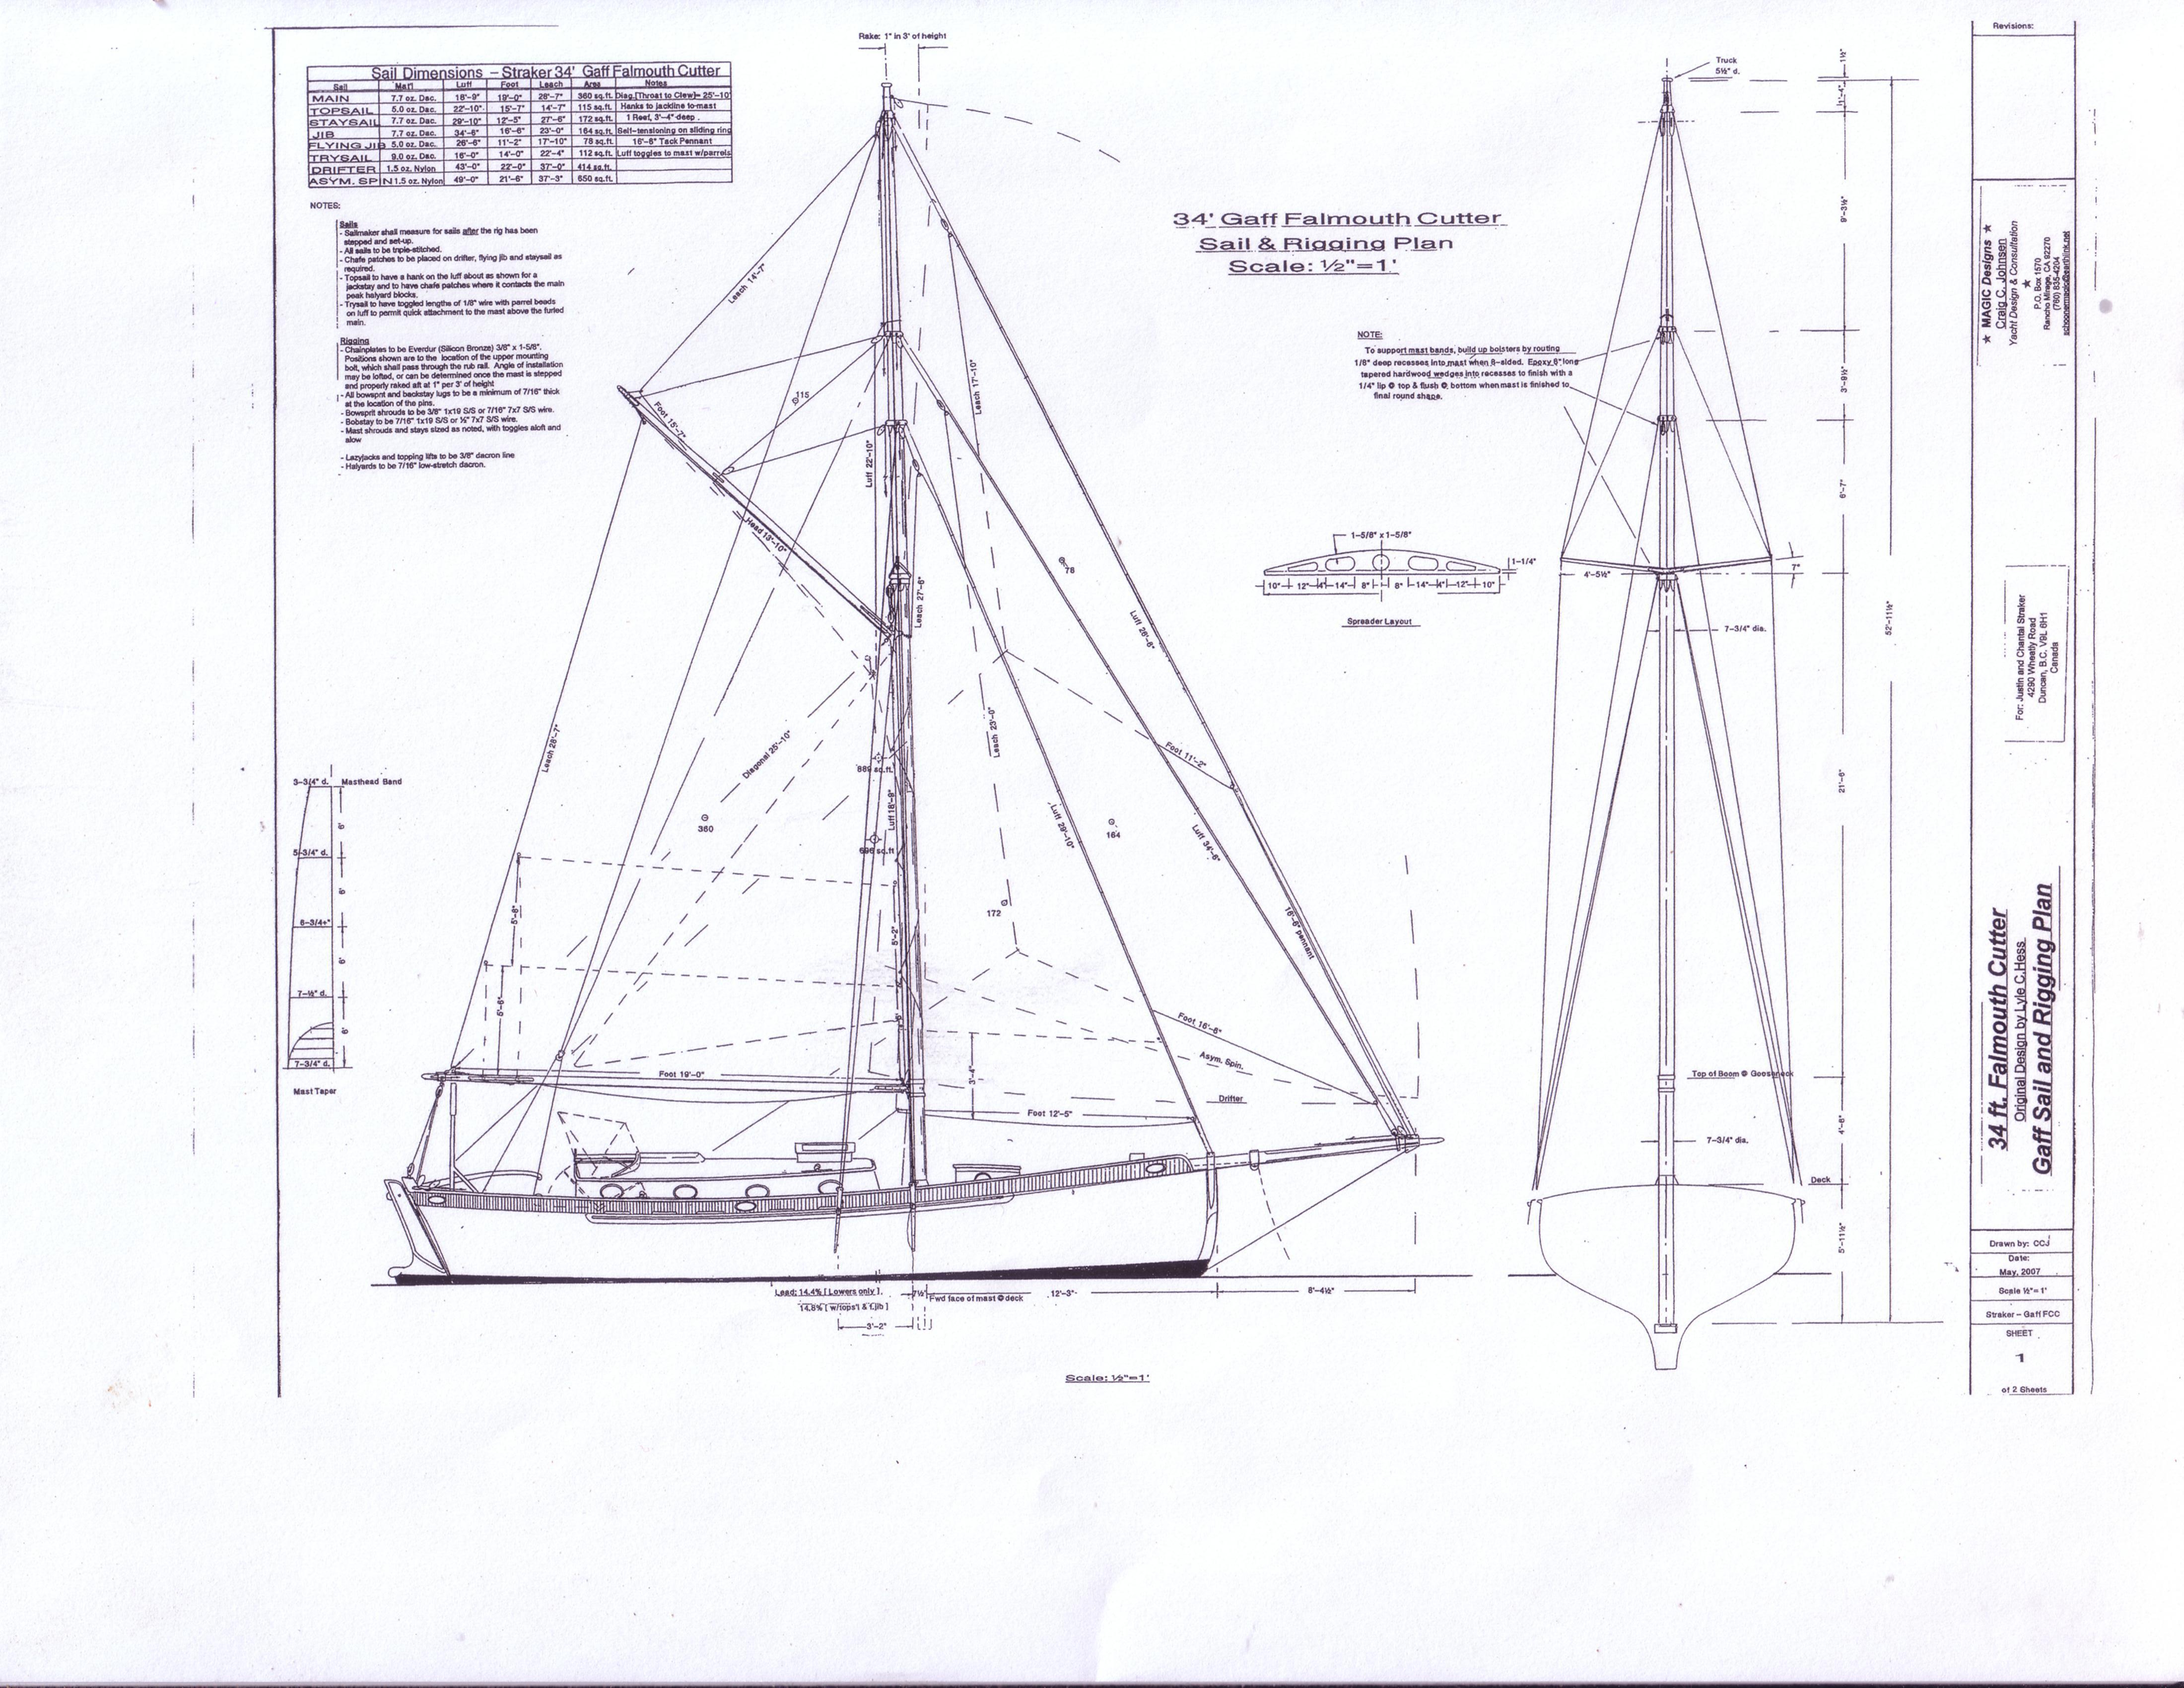 Image result for model gaff cutter rigging